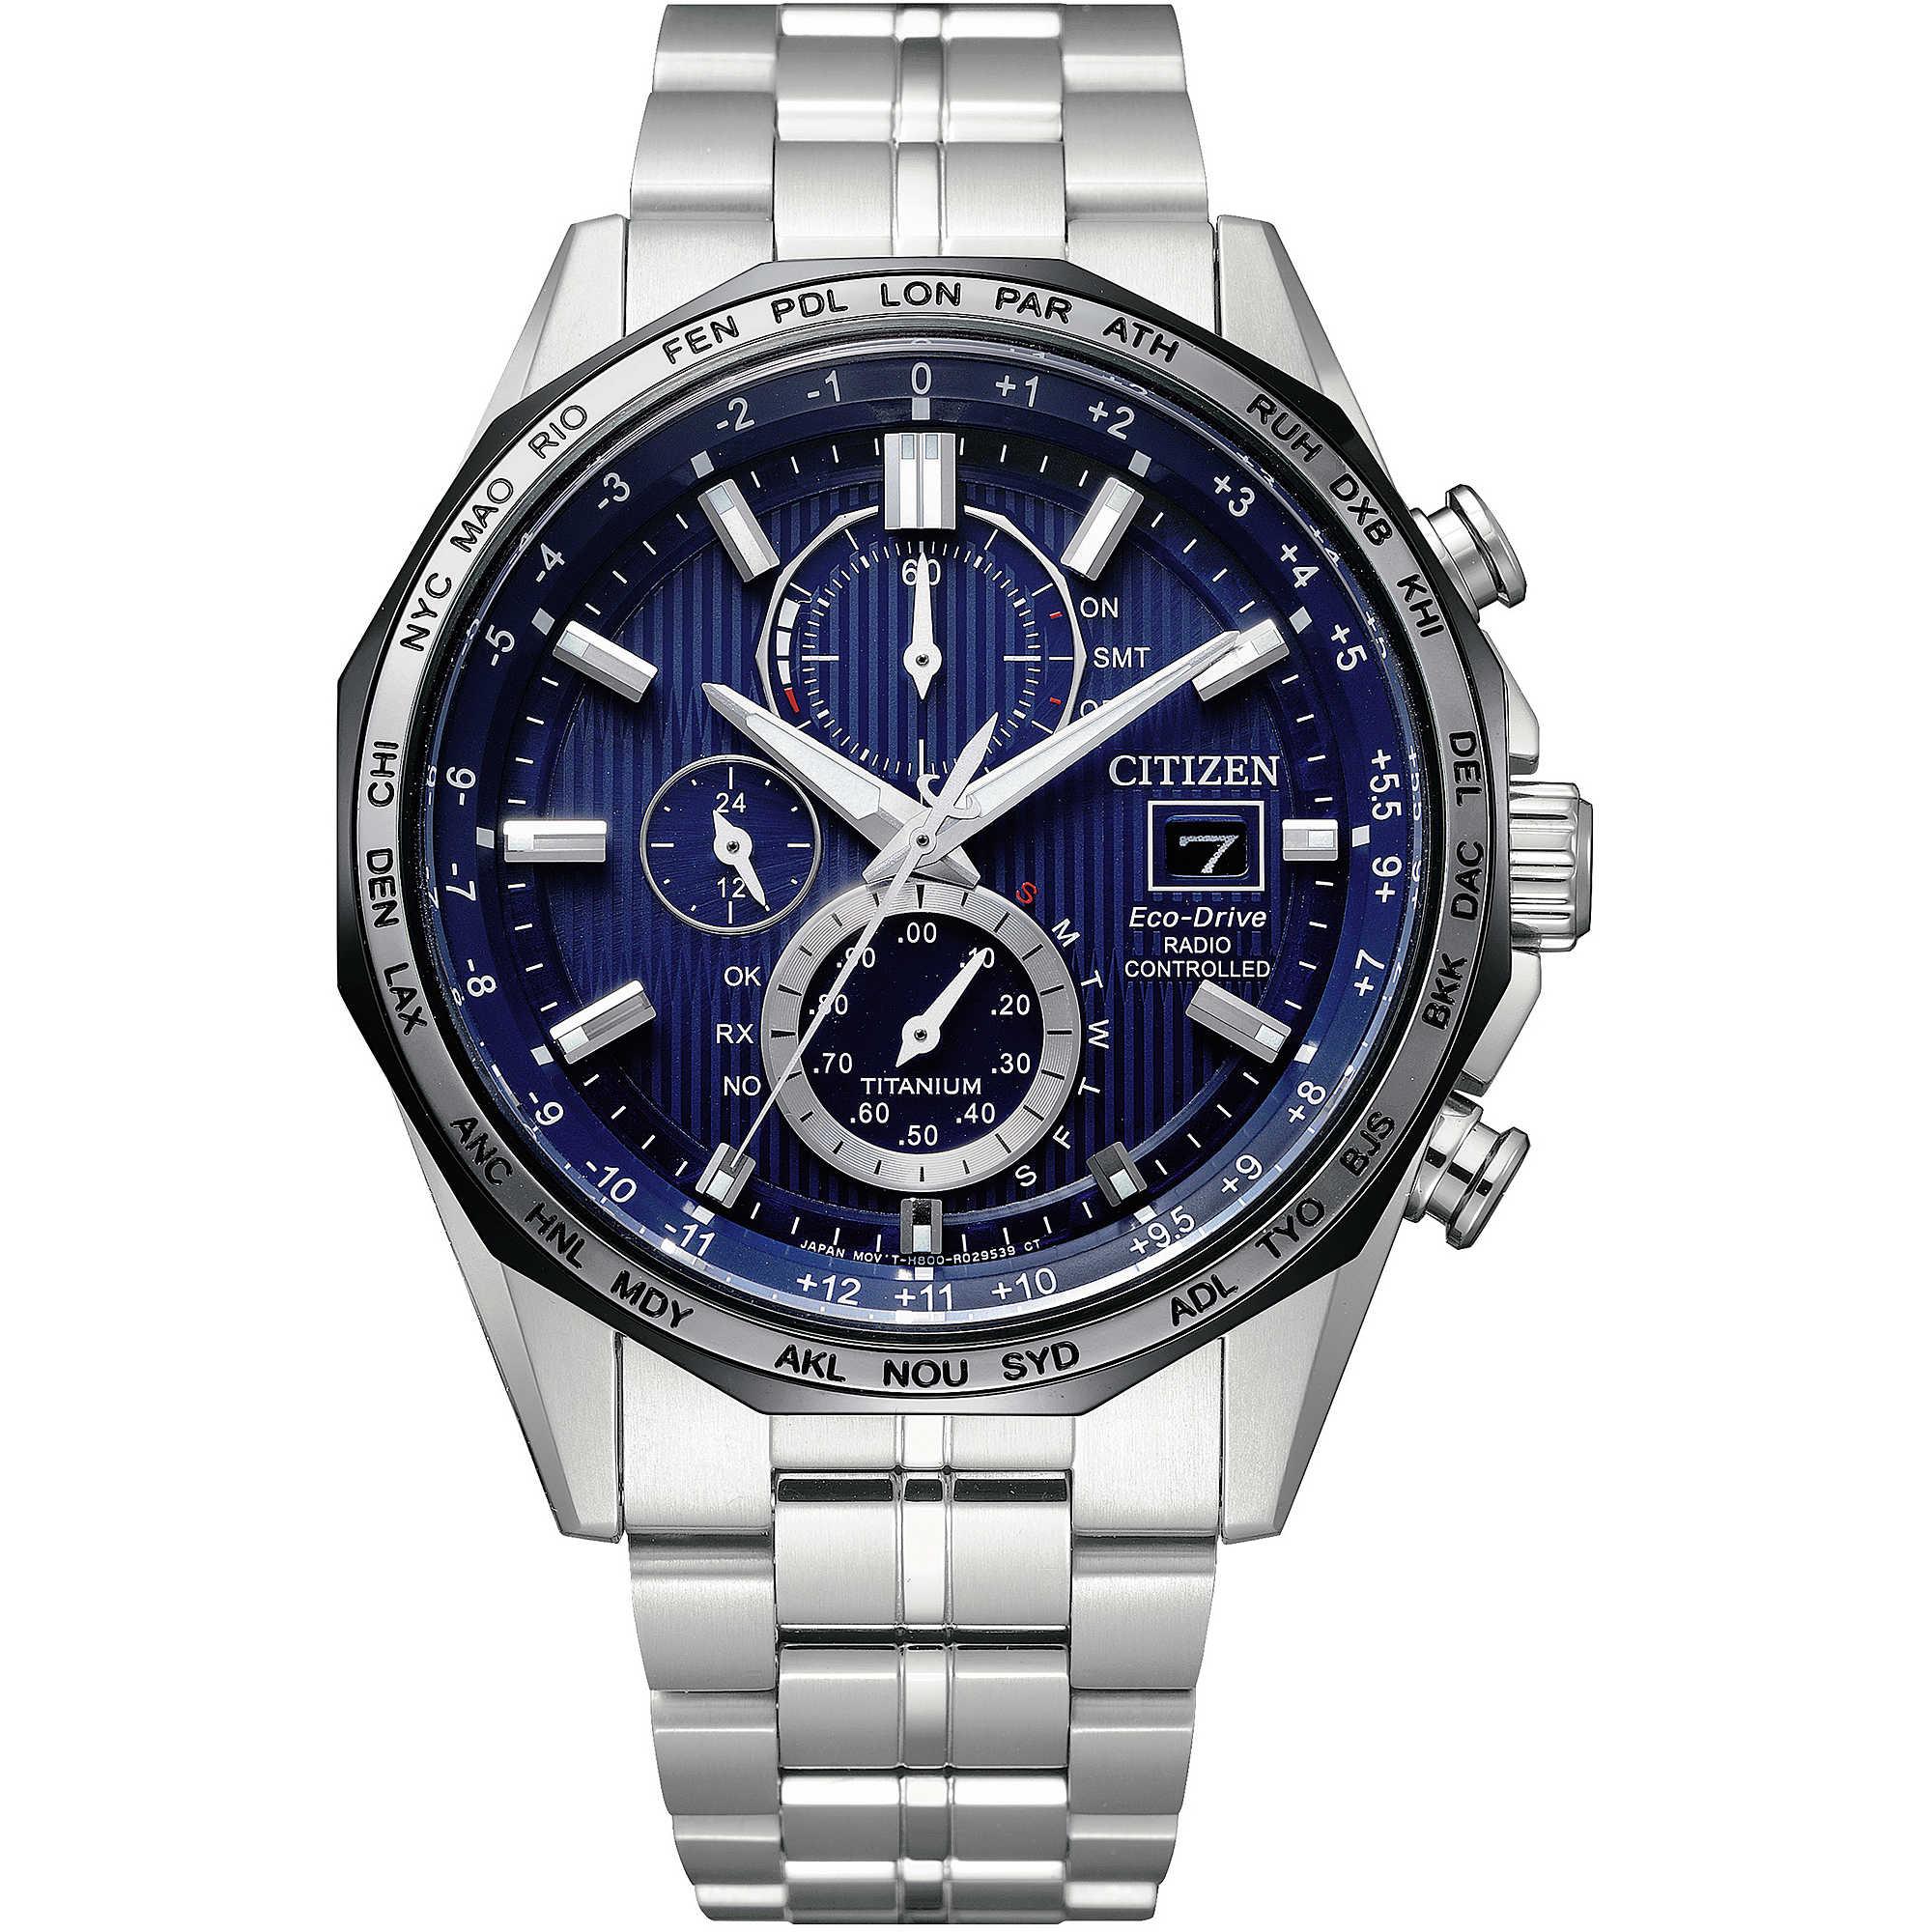 Citizen orologio cronografo uomo Citizen H 800